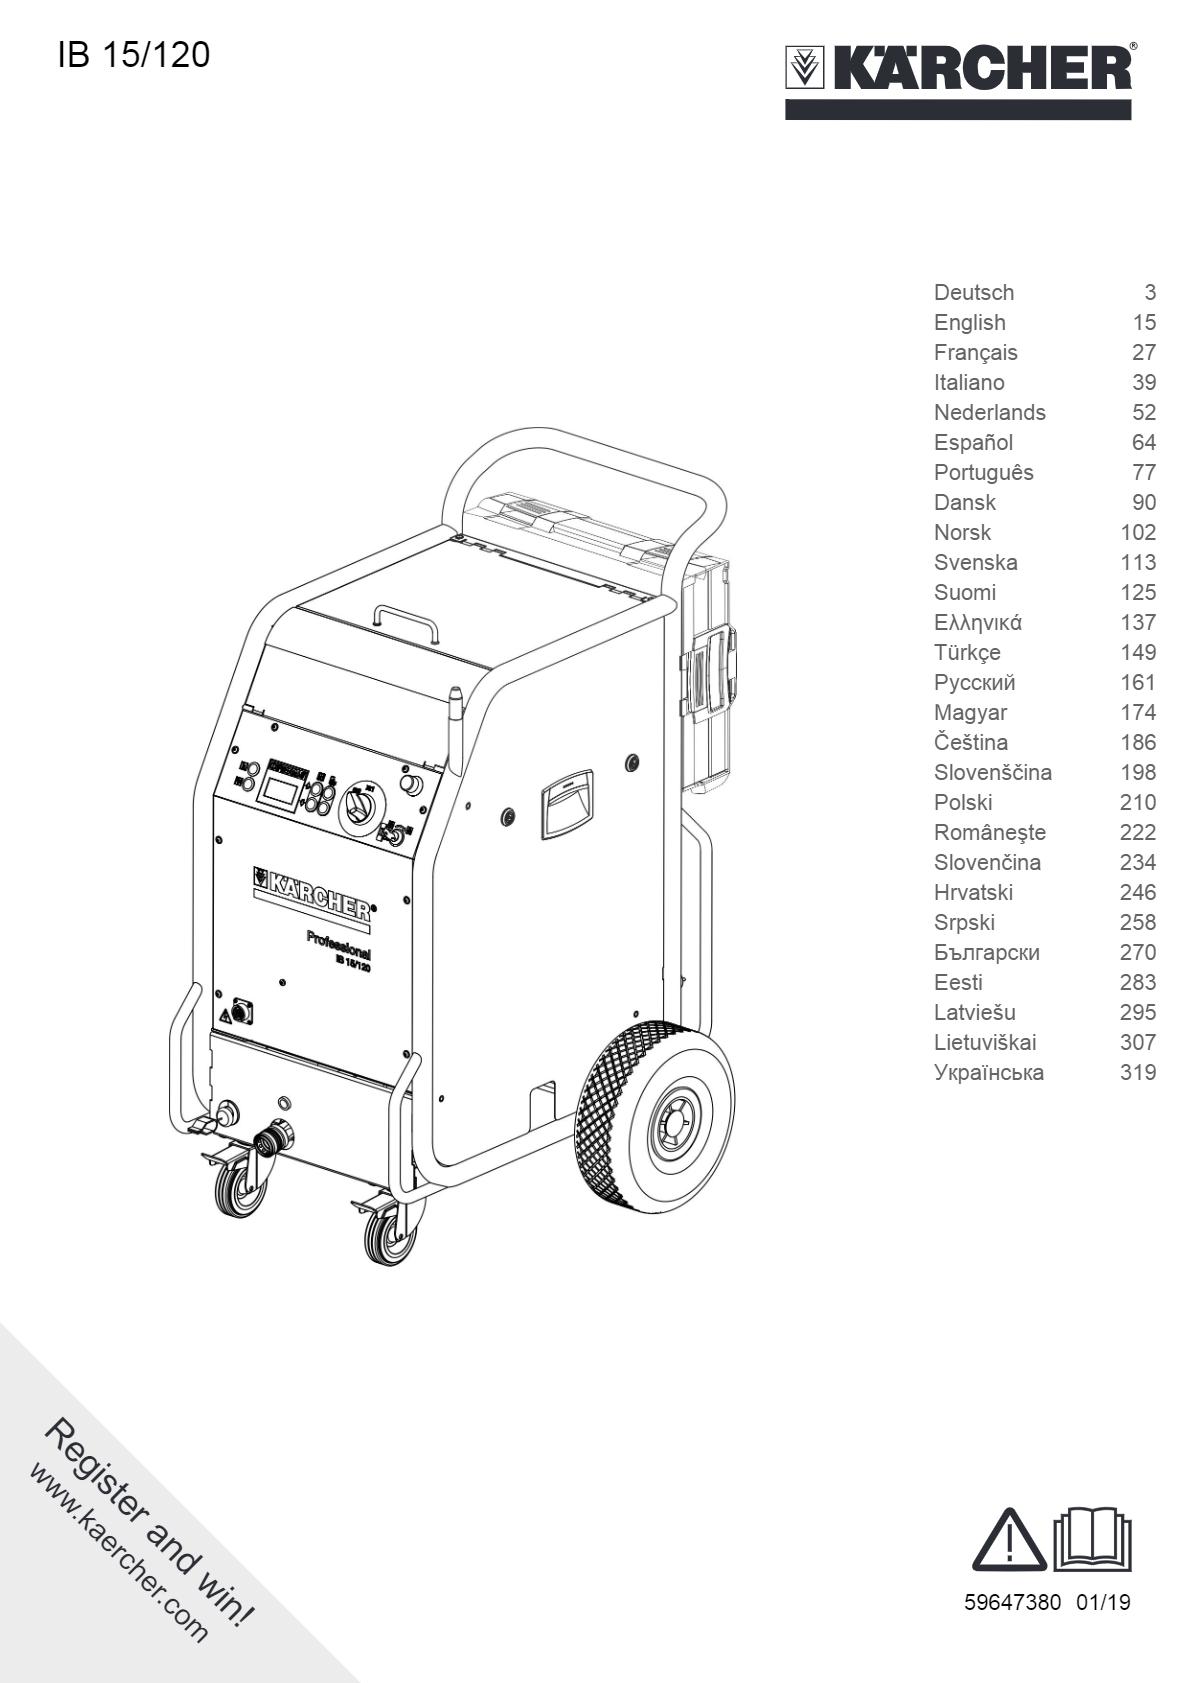 干冰清洗机 IB 15/120 说明书说明书下载